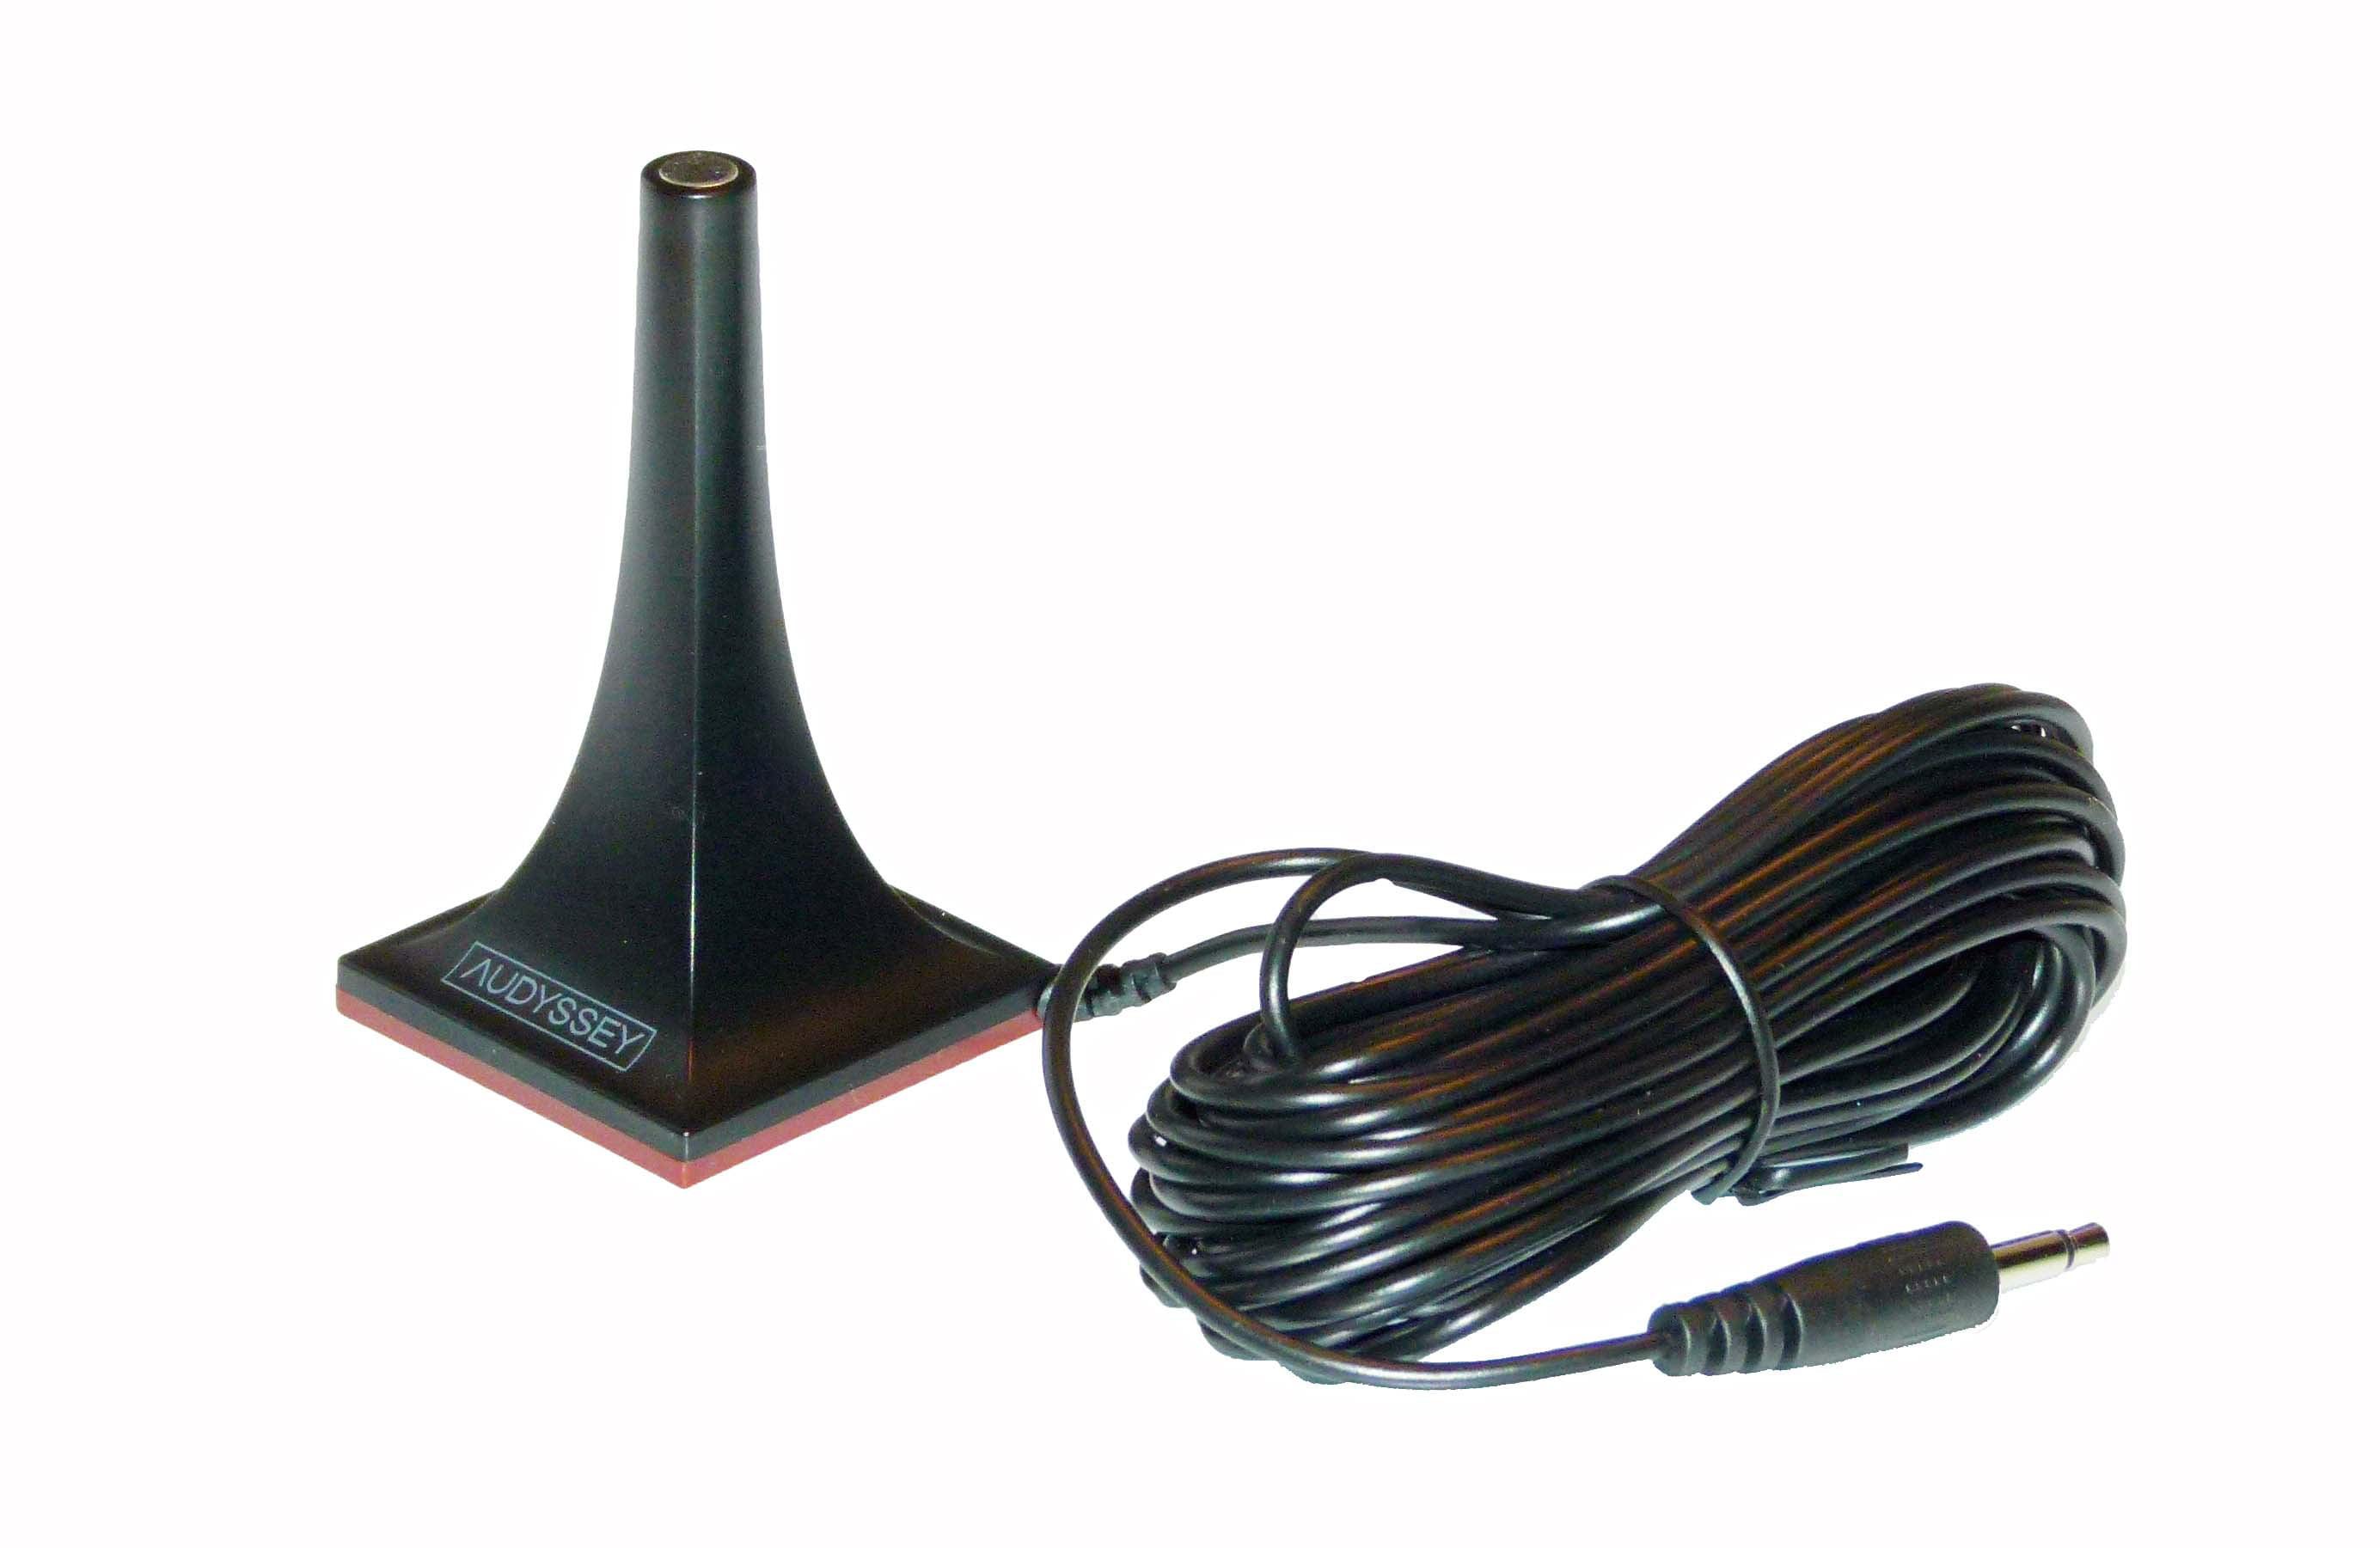 Denon Audyssey Sound Calibration Microphone AVRE300, AVR-E300, AVRE400, AVR-E400,... by Denon